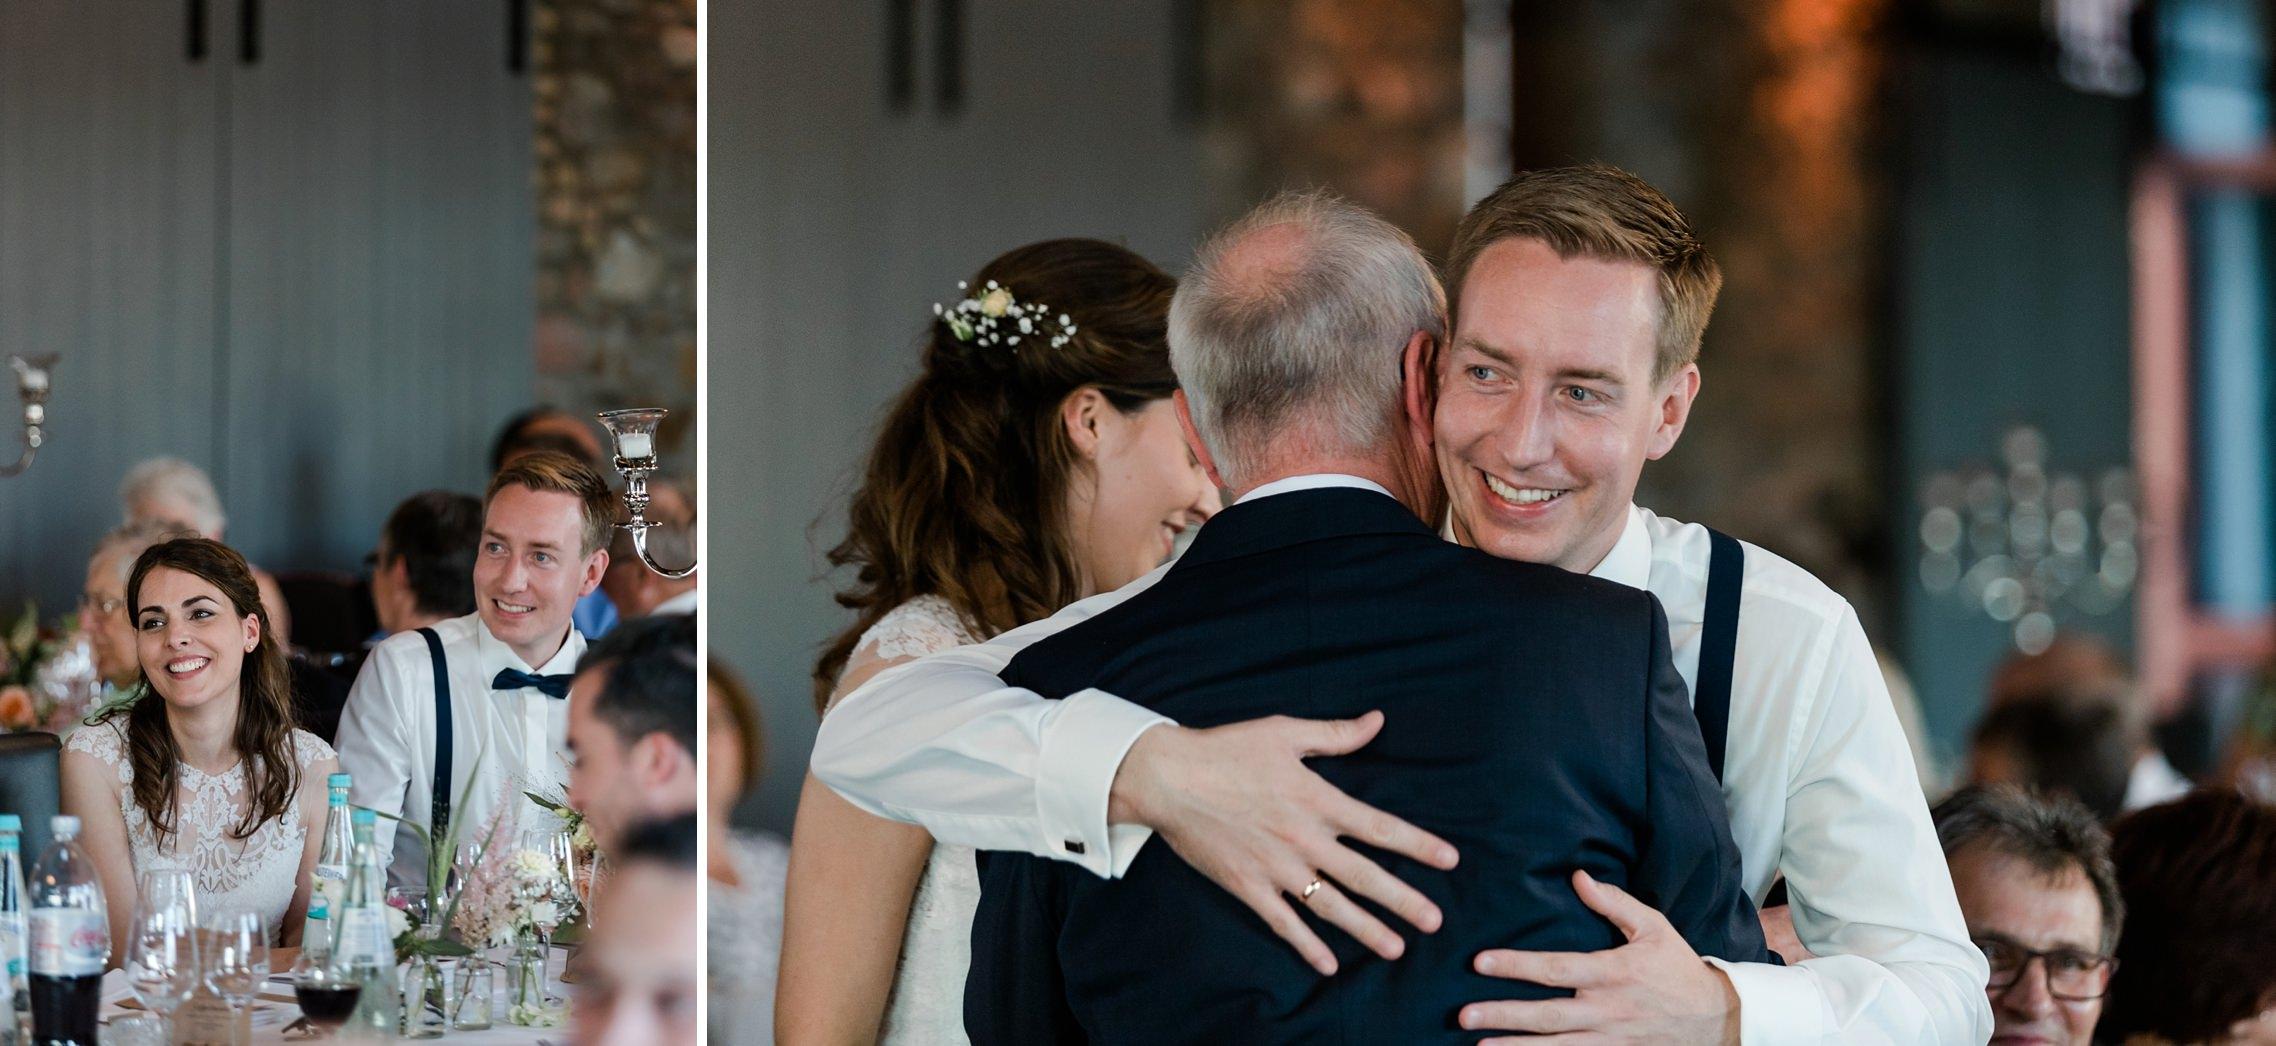 Der Vater des Bräutigams hält eine Rede und das Brautpaar bedankt sich bei ihm.